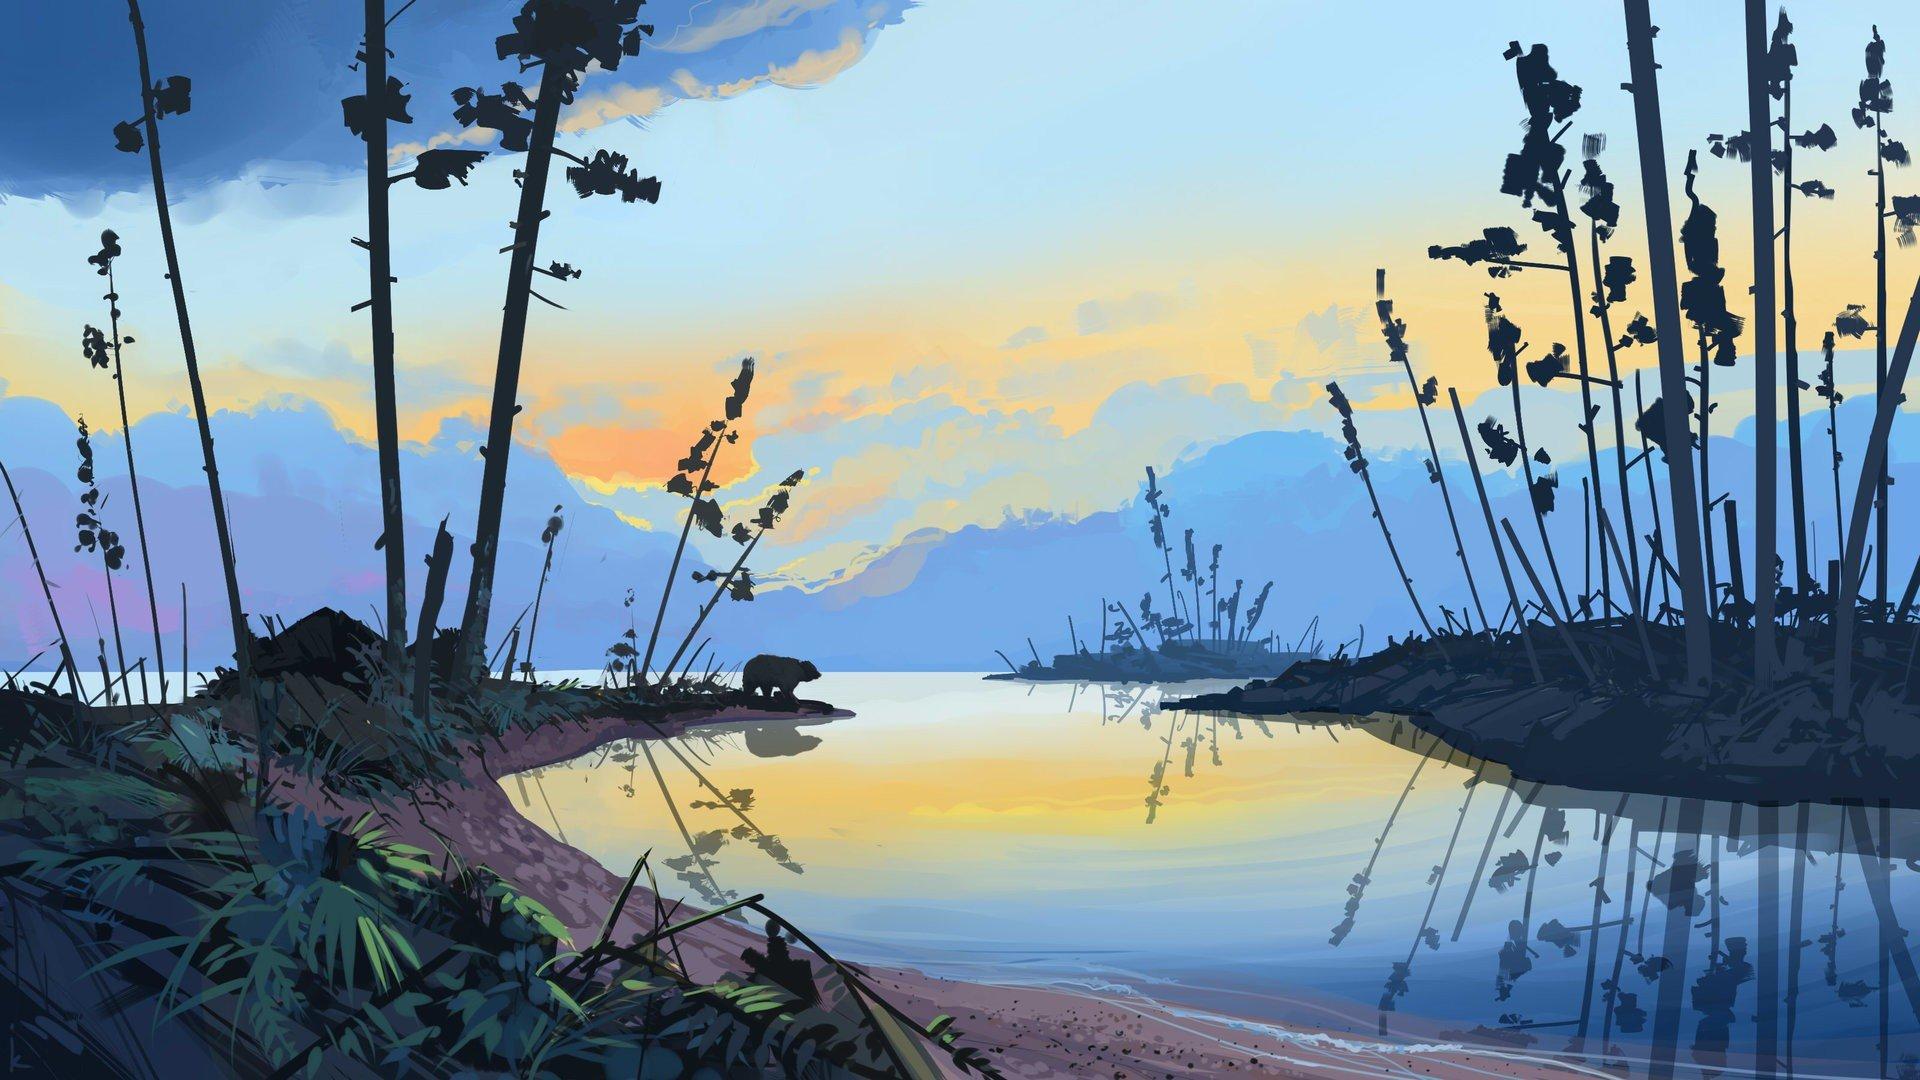 Landscape Illustration Vector Free: Illustration, Artwork, Sunset, Forest, Landscape, Water